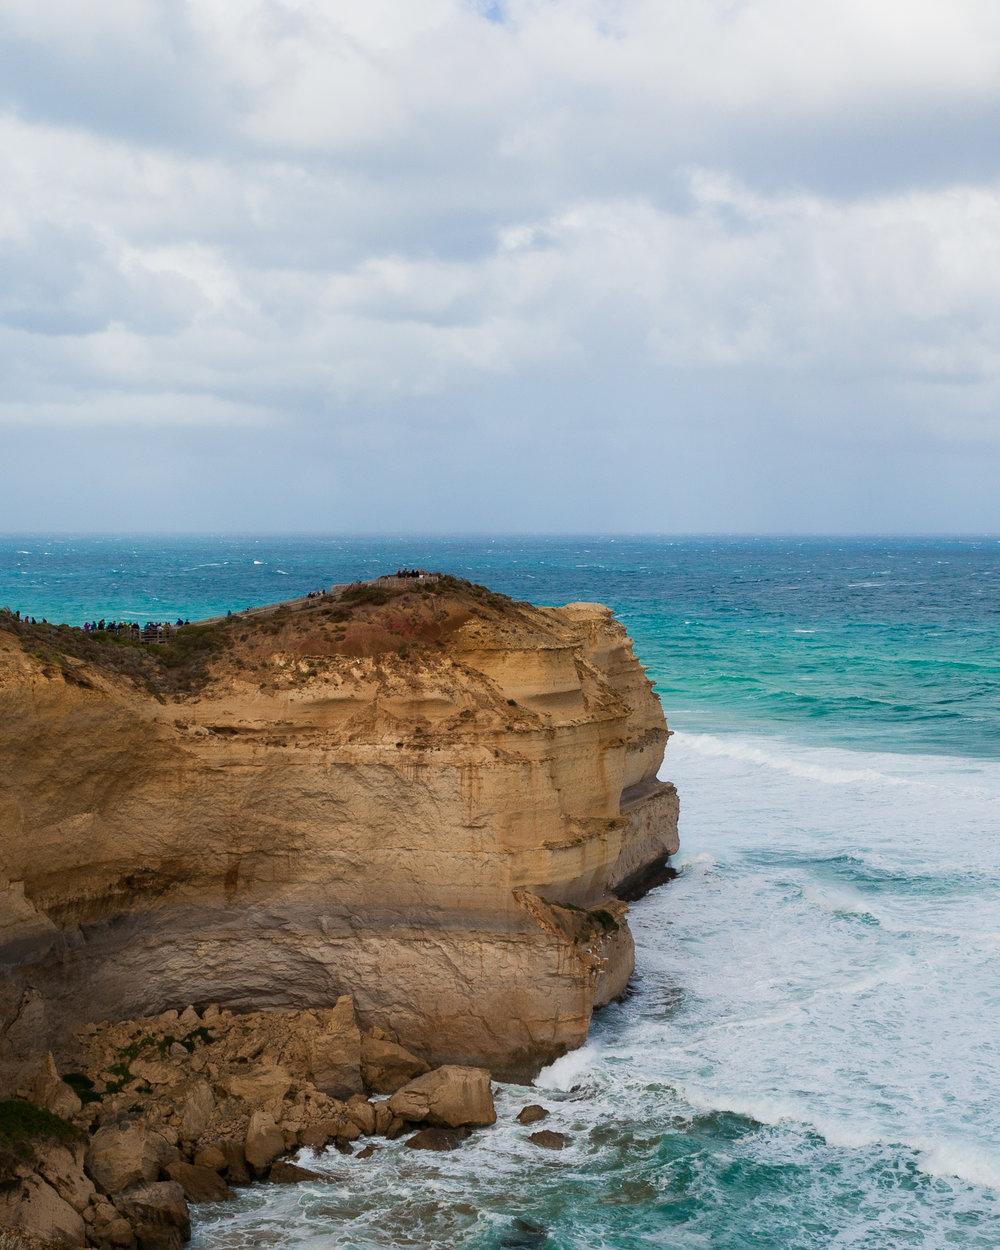 HD_The Great Ocean Road -6126-4.jpg